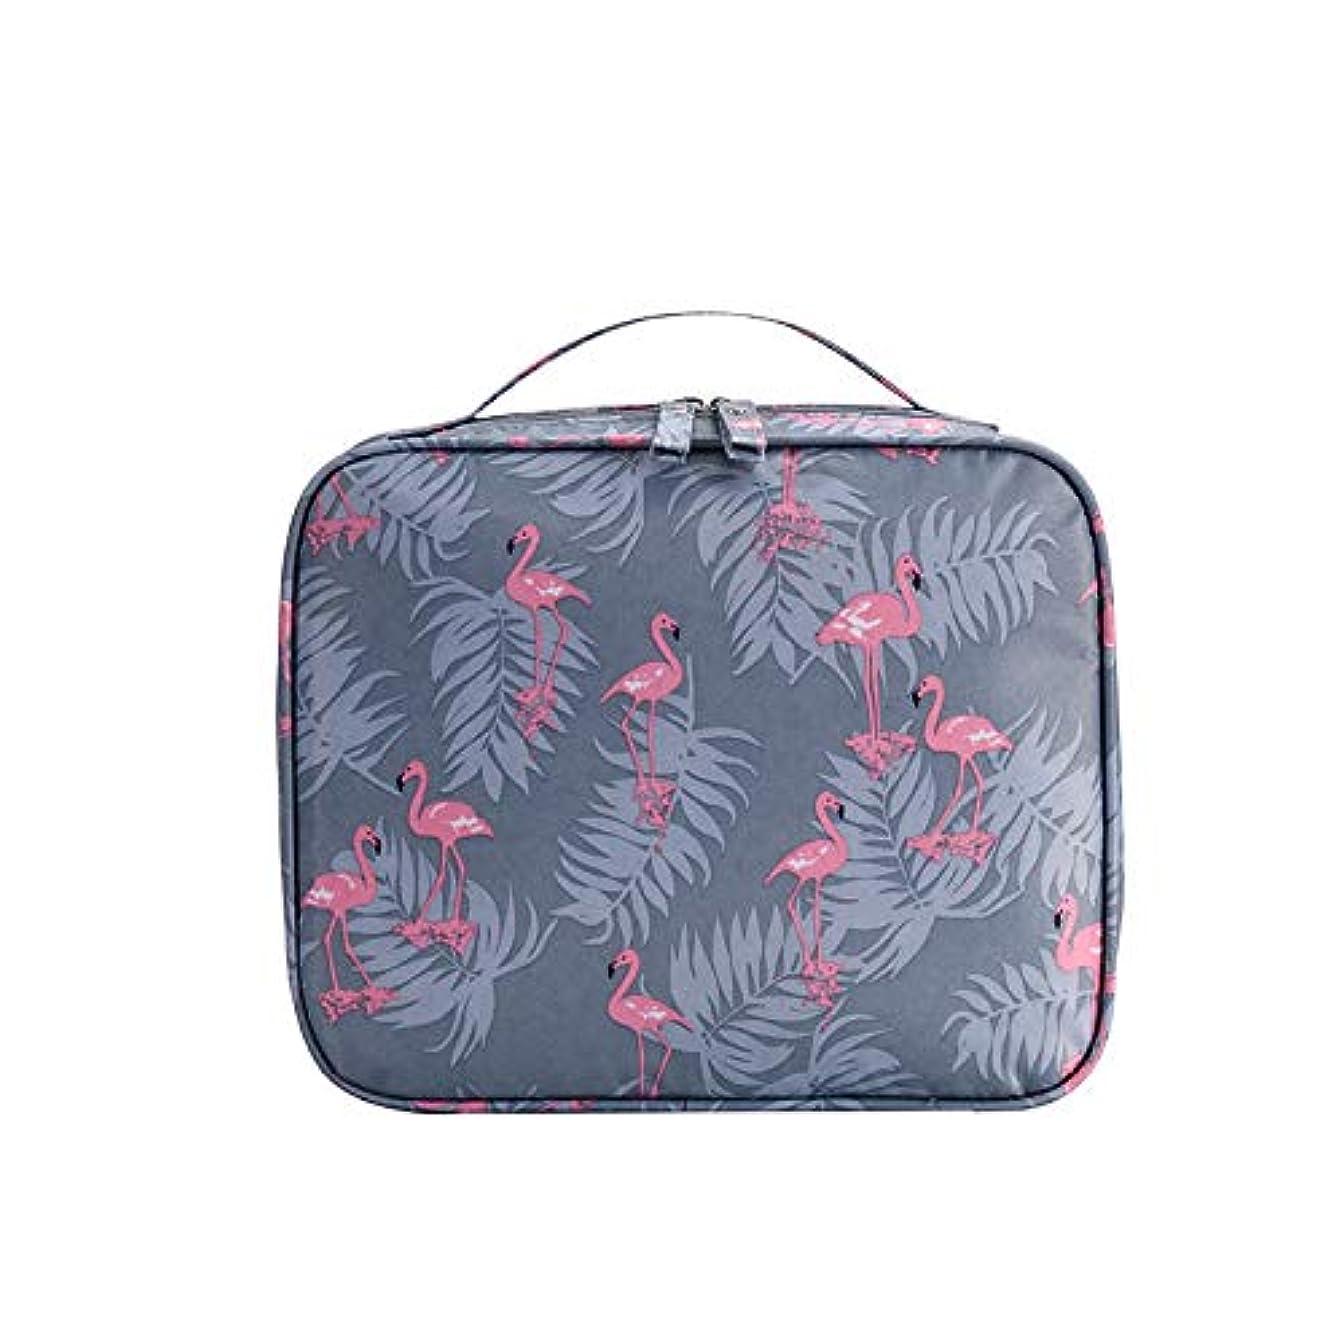 不格好意志投票Tyoo 化粧ポーチ トラベルポーチ 小物 収納 バッグインバッグ 出張 海外 旅行グッズ 縄を引く (フラミンゴ)